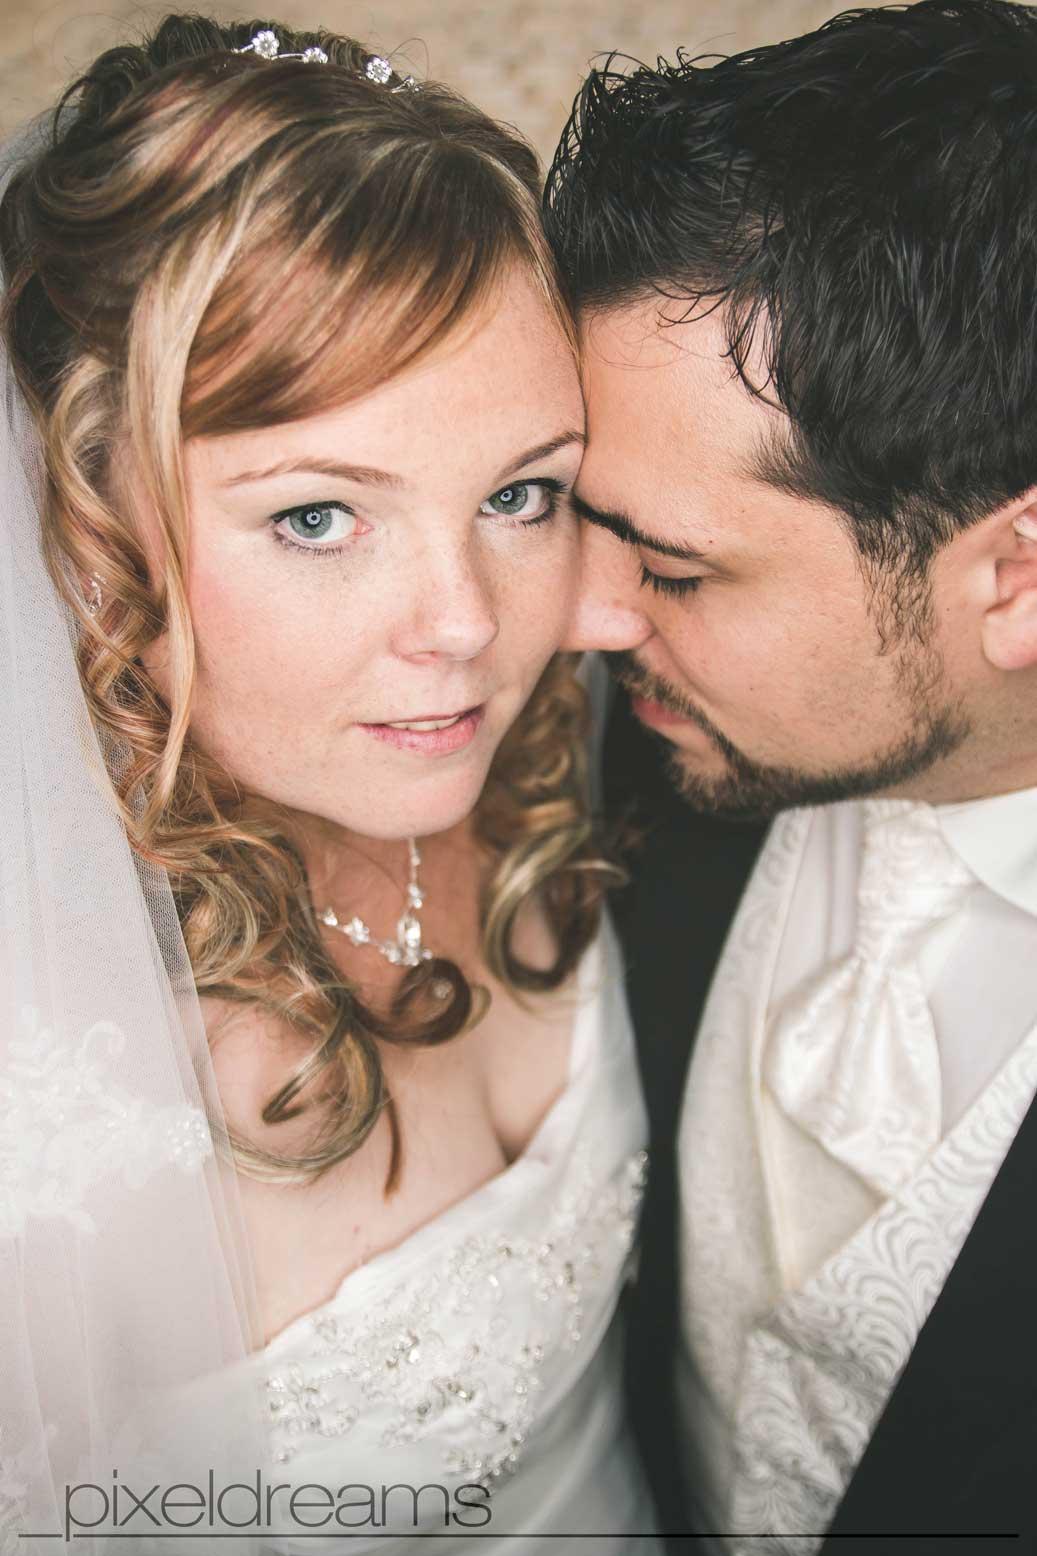 Hochzeitsfotograf Pixeldreams in Bergisch Gladbach – Hochzeitsfotos von Jessica & Gino